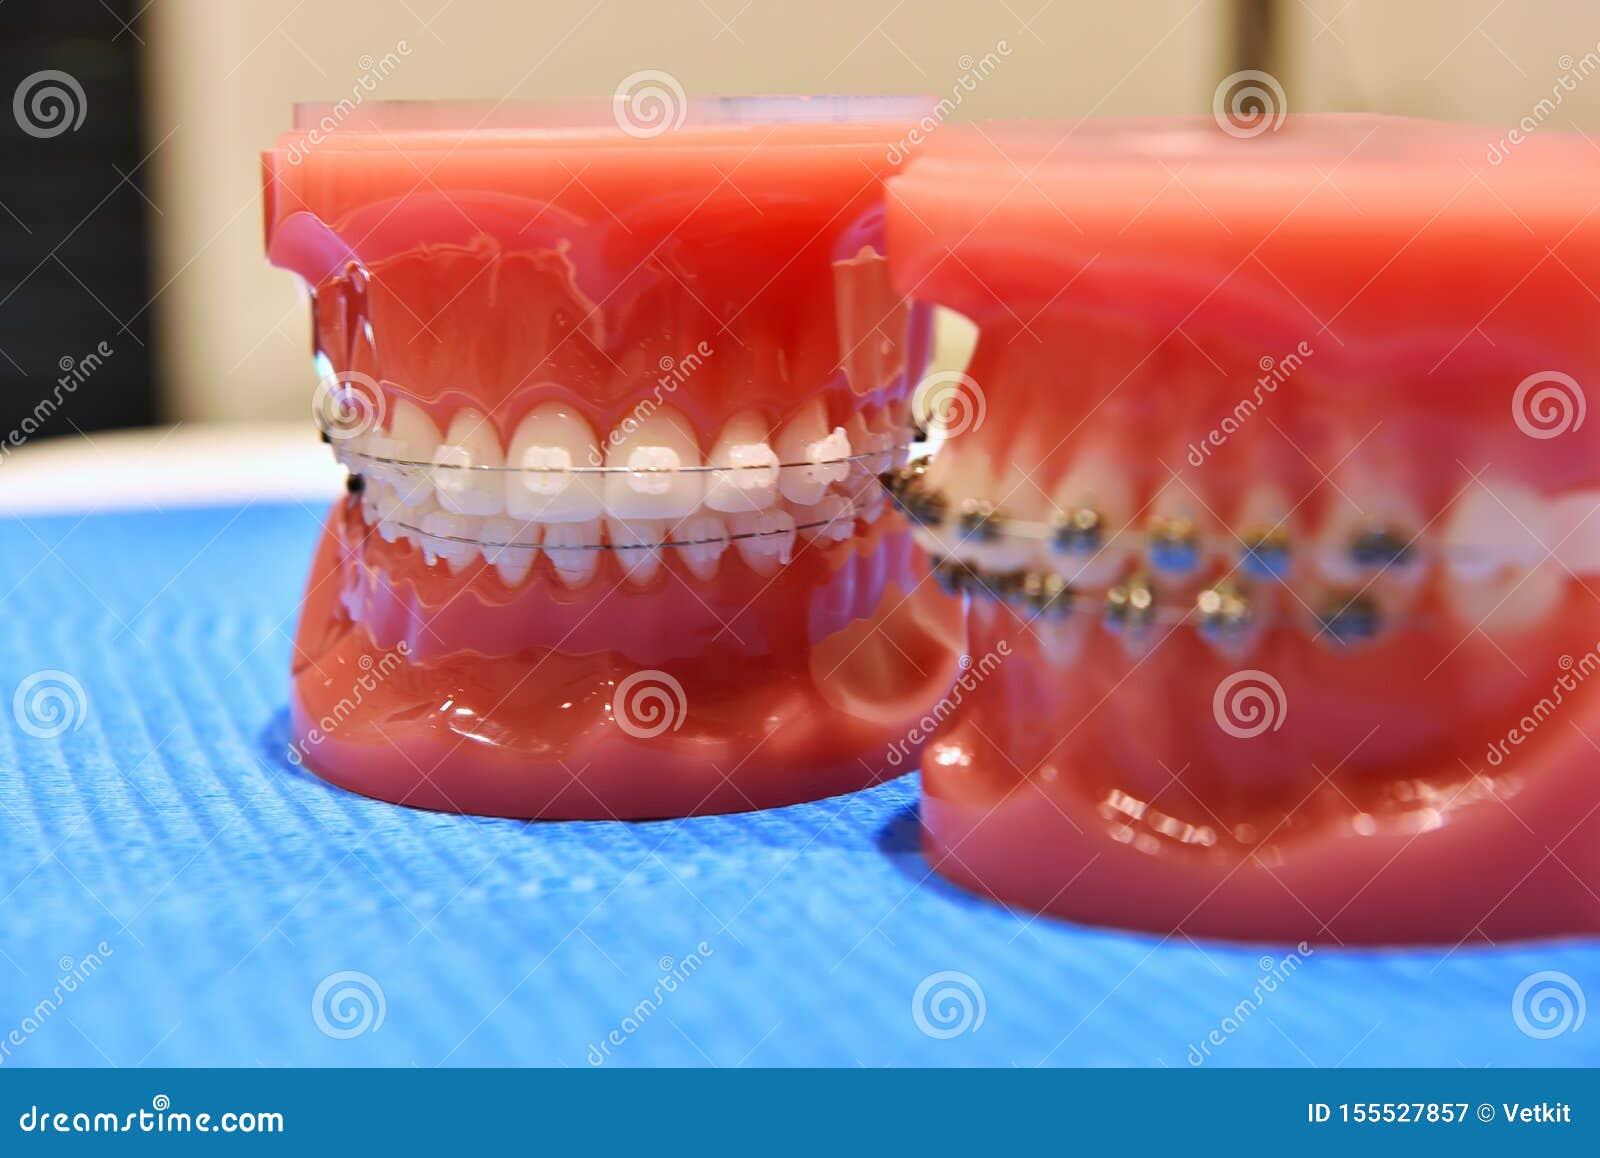 Modelo de los dientes de apoyos ortodónticos